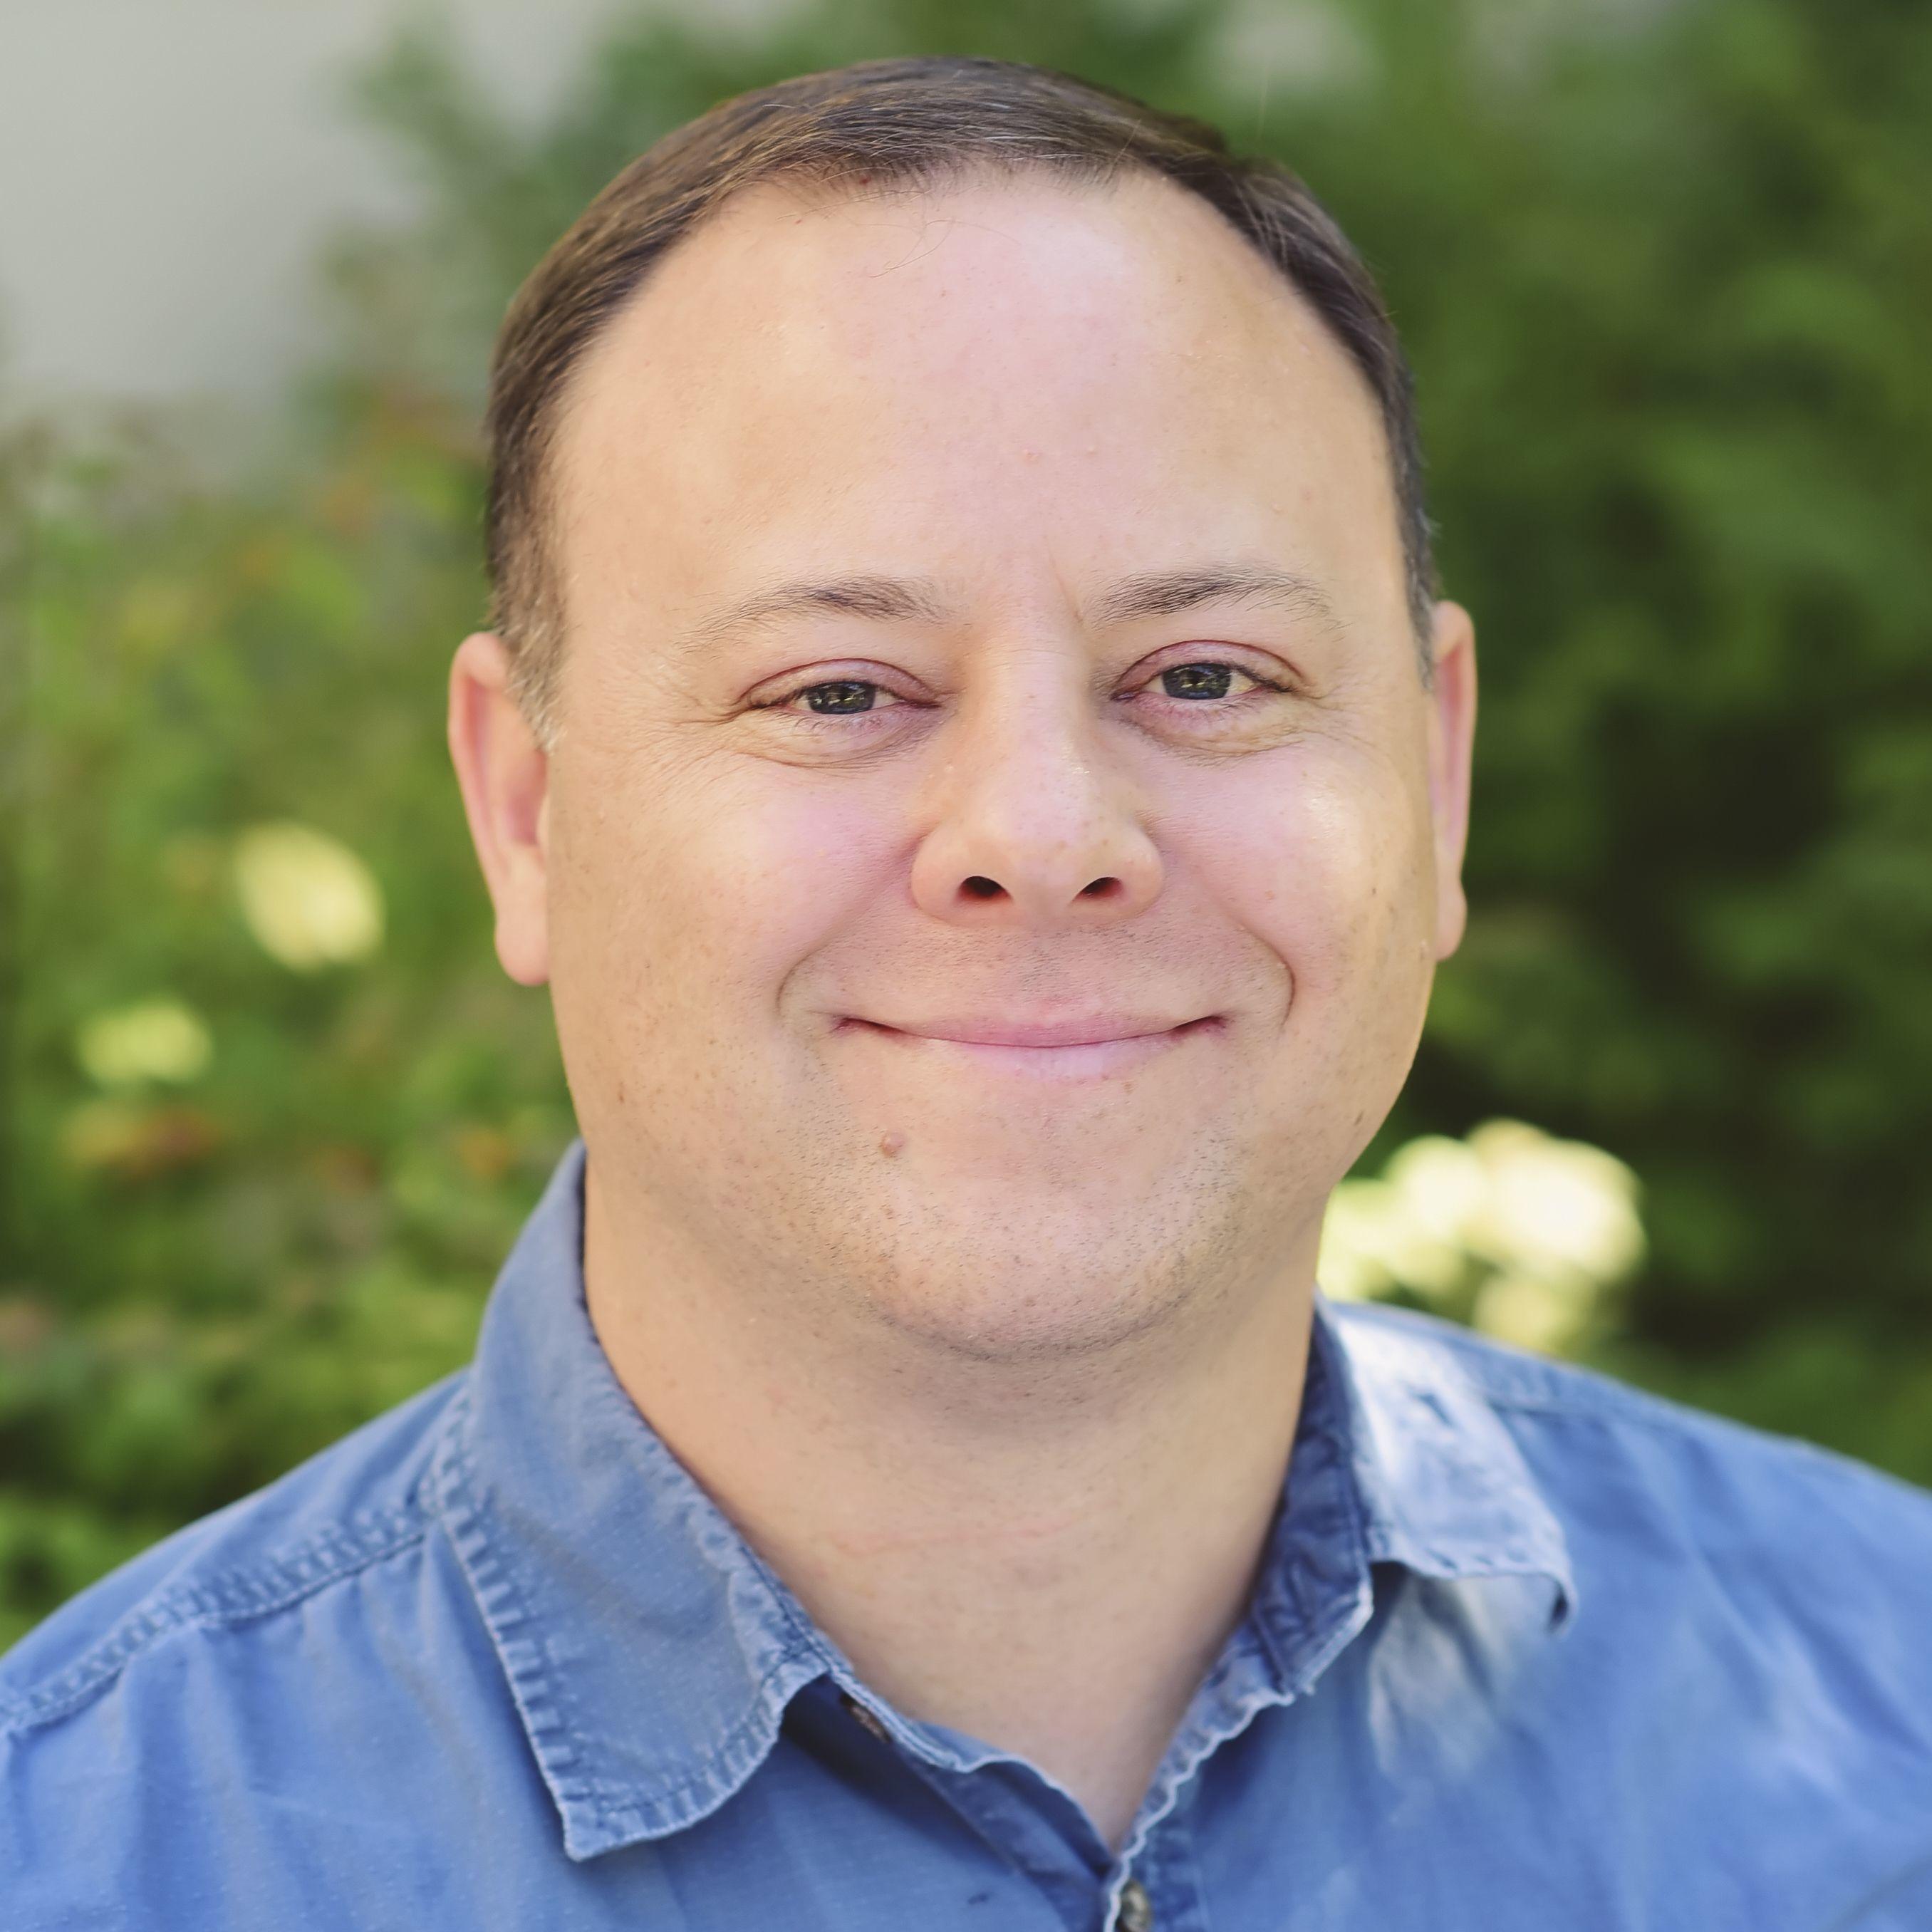 Mr. Luke Suhr